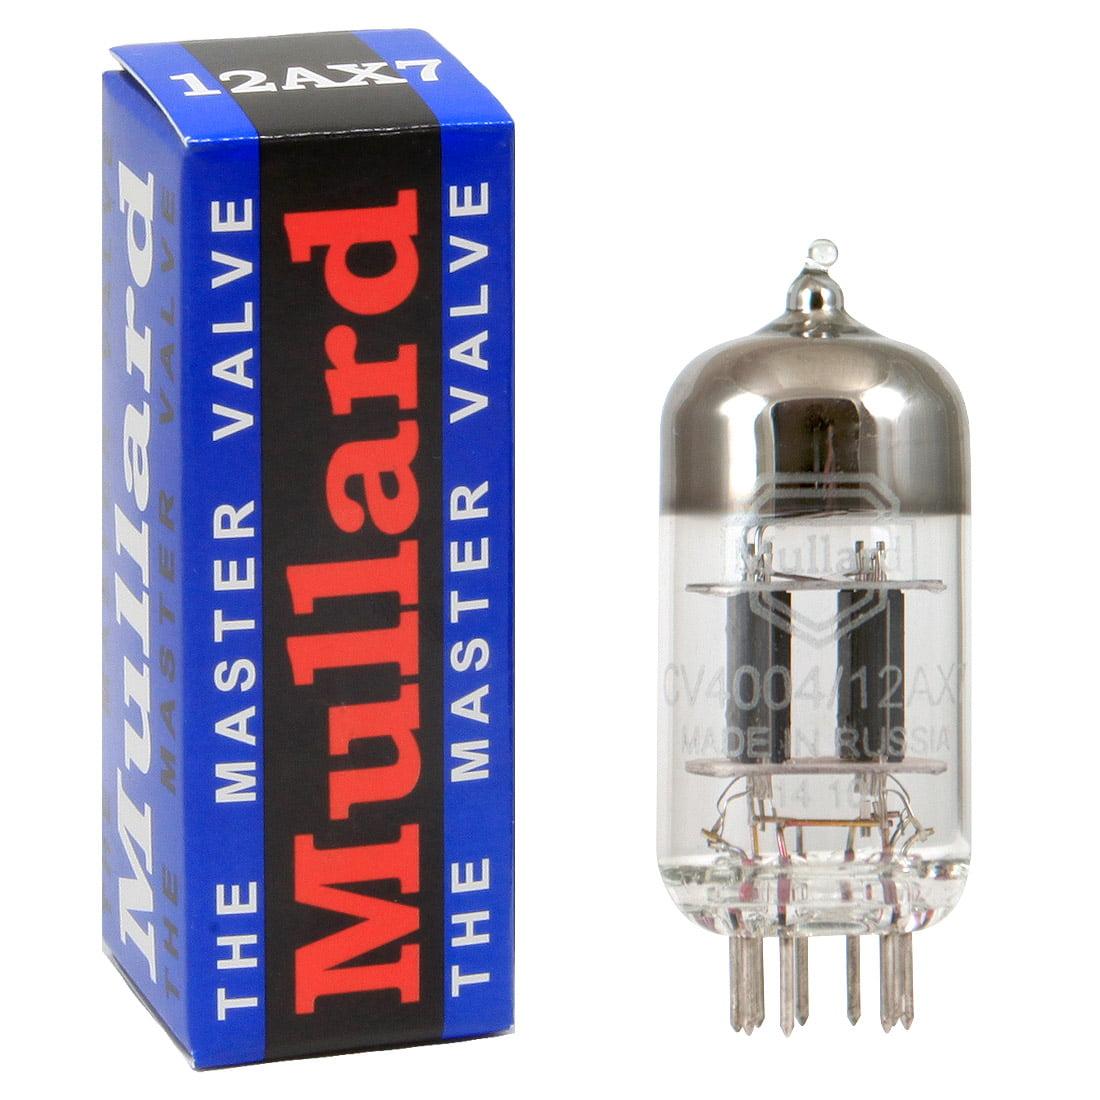 Mullard 12AX7 Vacuum Tube